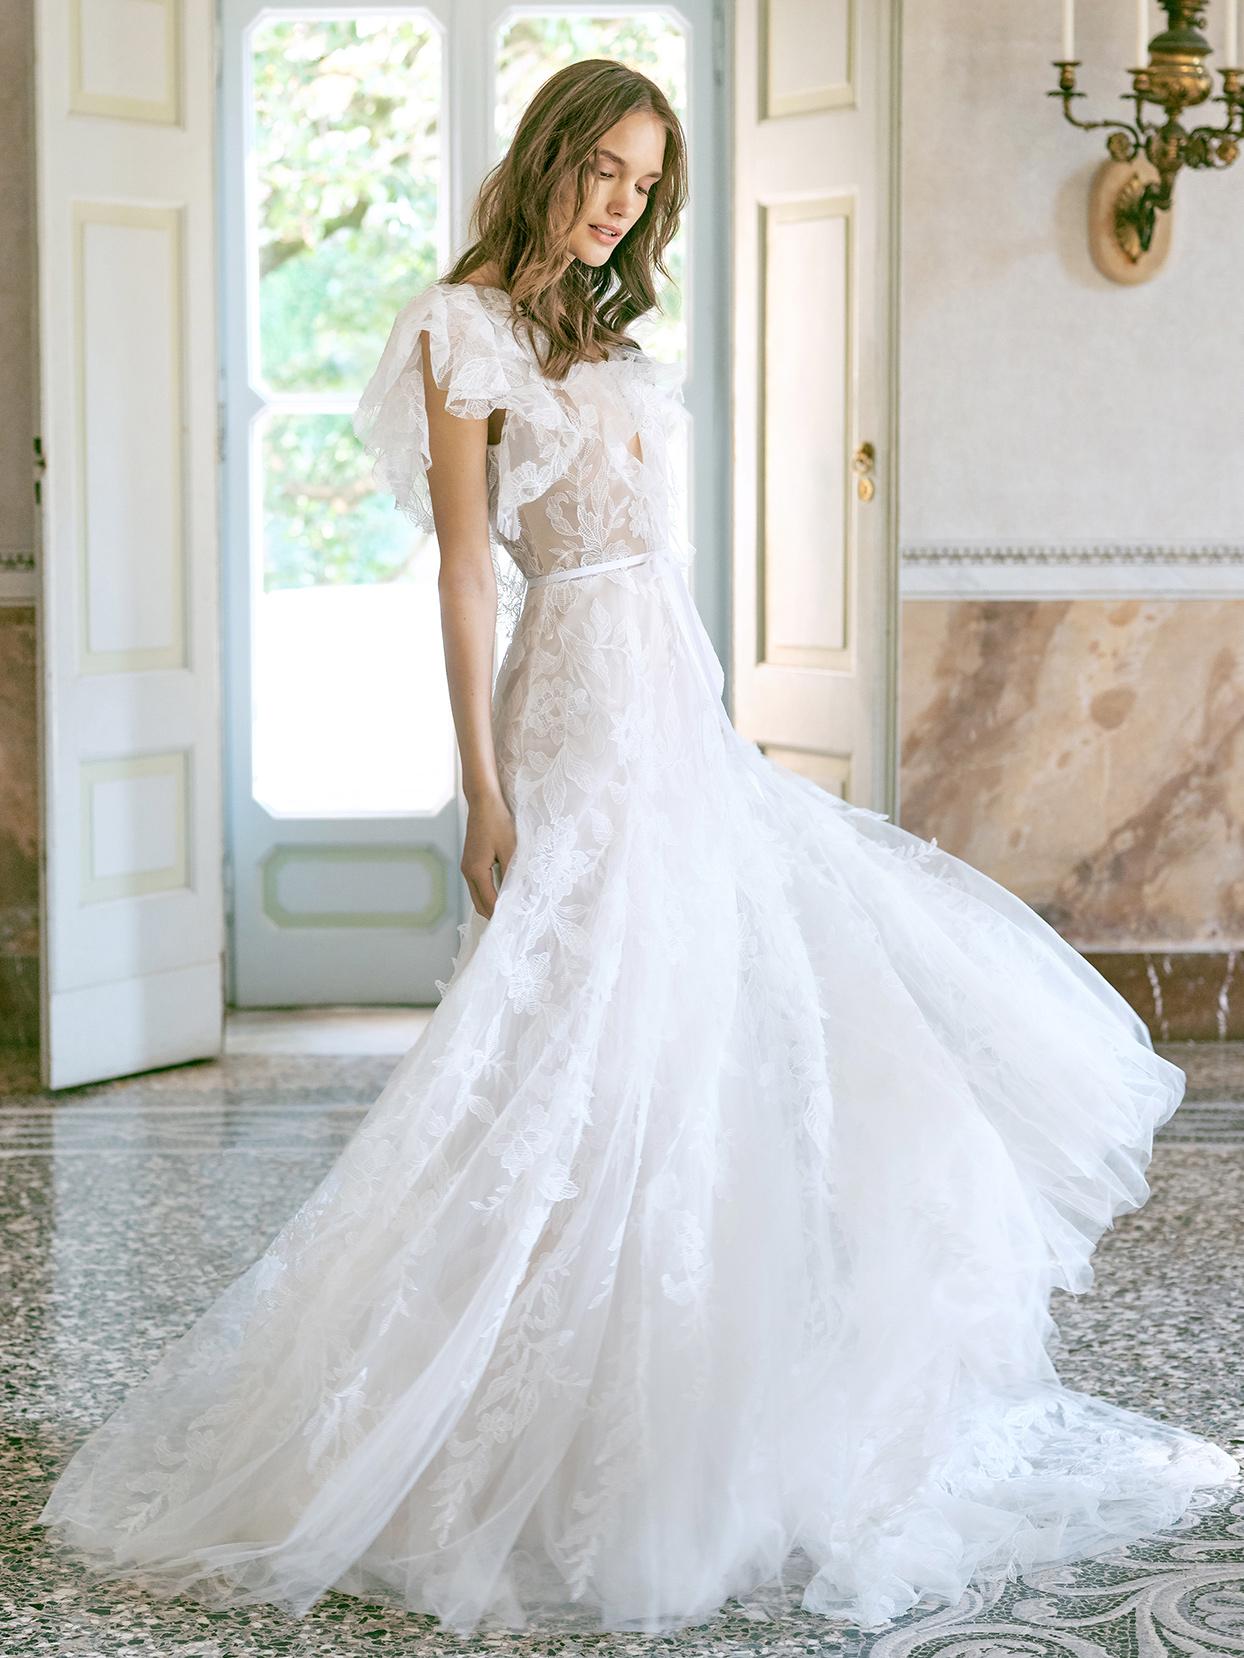 monique lhuillier lace trumpet wedding dress fall 2020